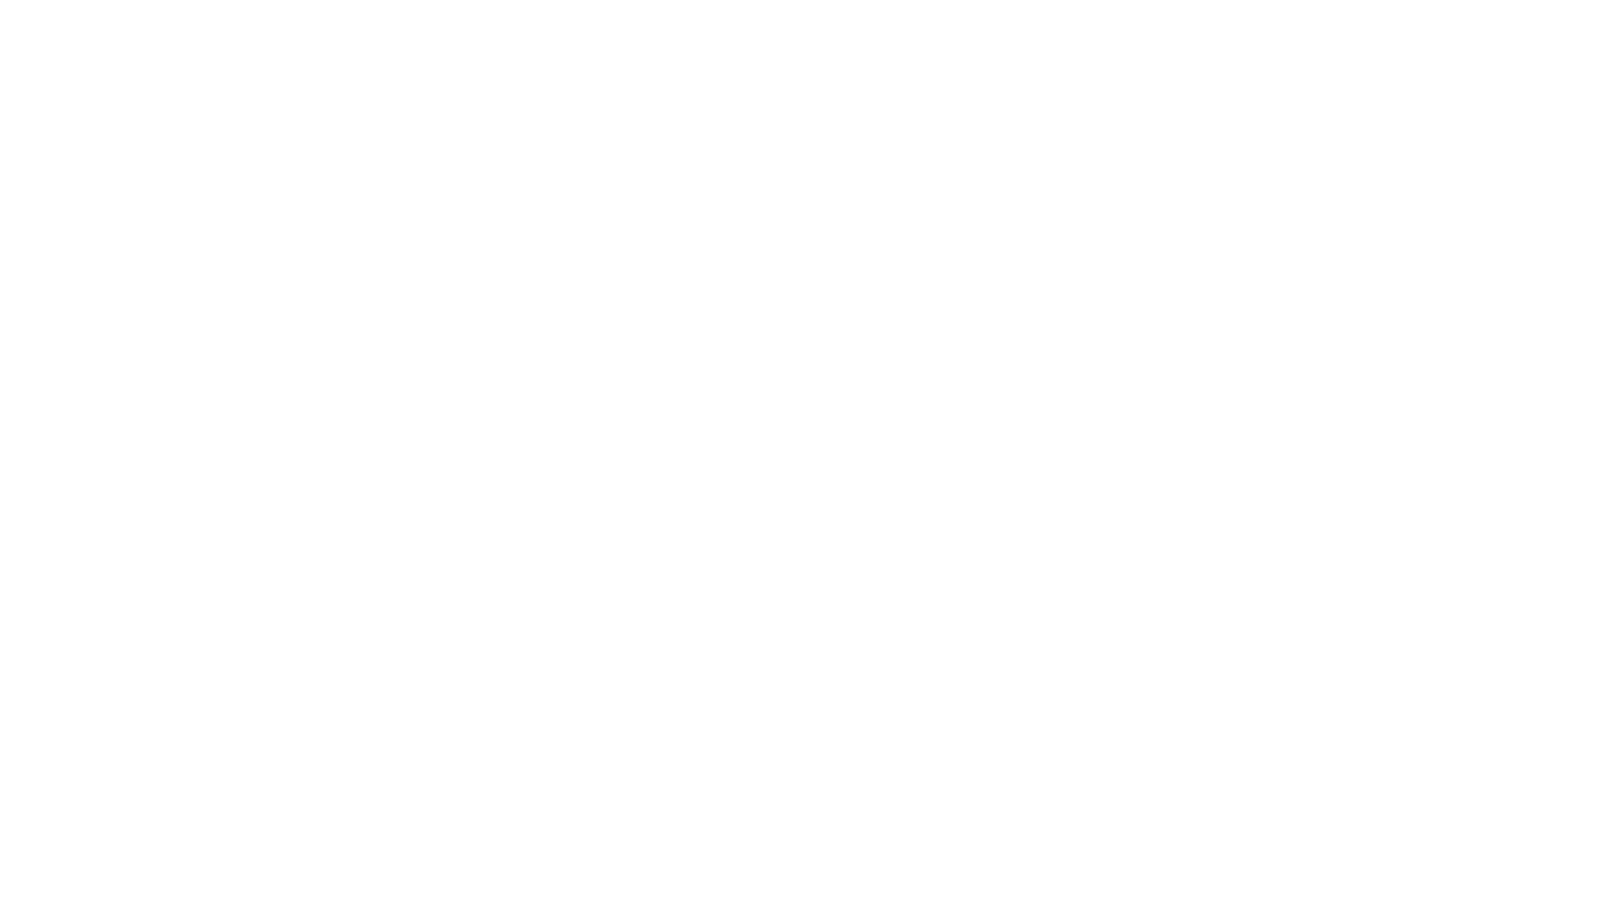 Posse do Acadêmico Eduardo Pragmácio Filho Data: 5/3 Horário: 8h30  Realização: ABDT Apoio: ESA Ceará  Programação:  Abertura Apresentação musical do artista, cantor e sanfoneiro Nonato Lima Fala do presidente Alexandre Agra Belmonte Horário: 8h30  Apresentação do Empossando Acadêmico André Jobim de Azevedo Horário:  9h15  Discurso de Posse Acadêmico Eduardo Pragmácio Filho Horário: 9h45  No dia do evento, acesse a programação e participe na área meus cursos de cursos.esace.org.br. Para gerar o certificado é necessário completar pelo menos 75% de participação e cumprir com as atividades do curso. O progresso é contabilizado automaticamente, conforme participa do evento. Certifique-se que seu cadastro foi preenchido corretamente, evitando repetições nos campos nome e sobrenome. Após concluído, acesse a área meus cursos para emitir o certificado.